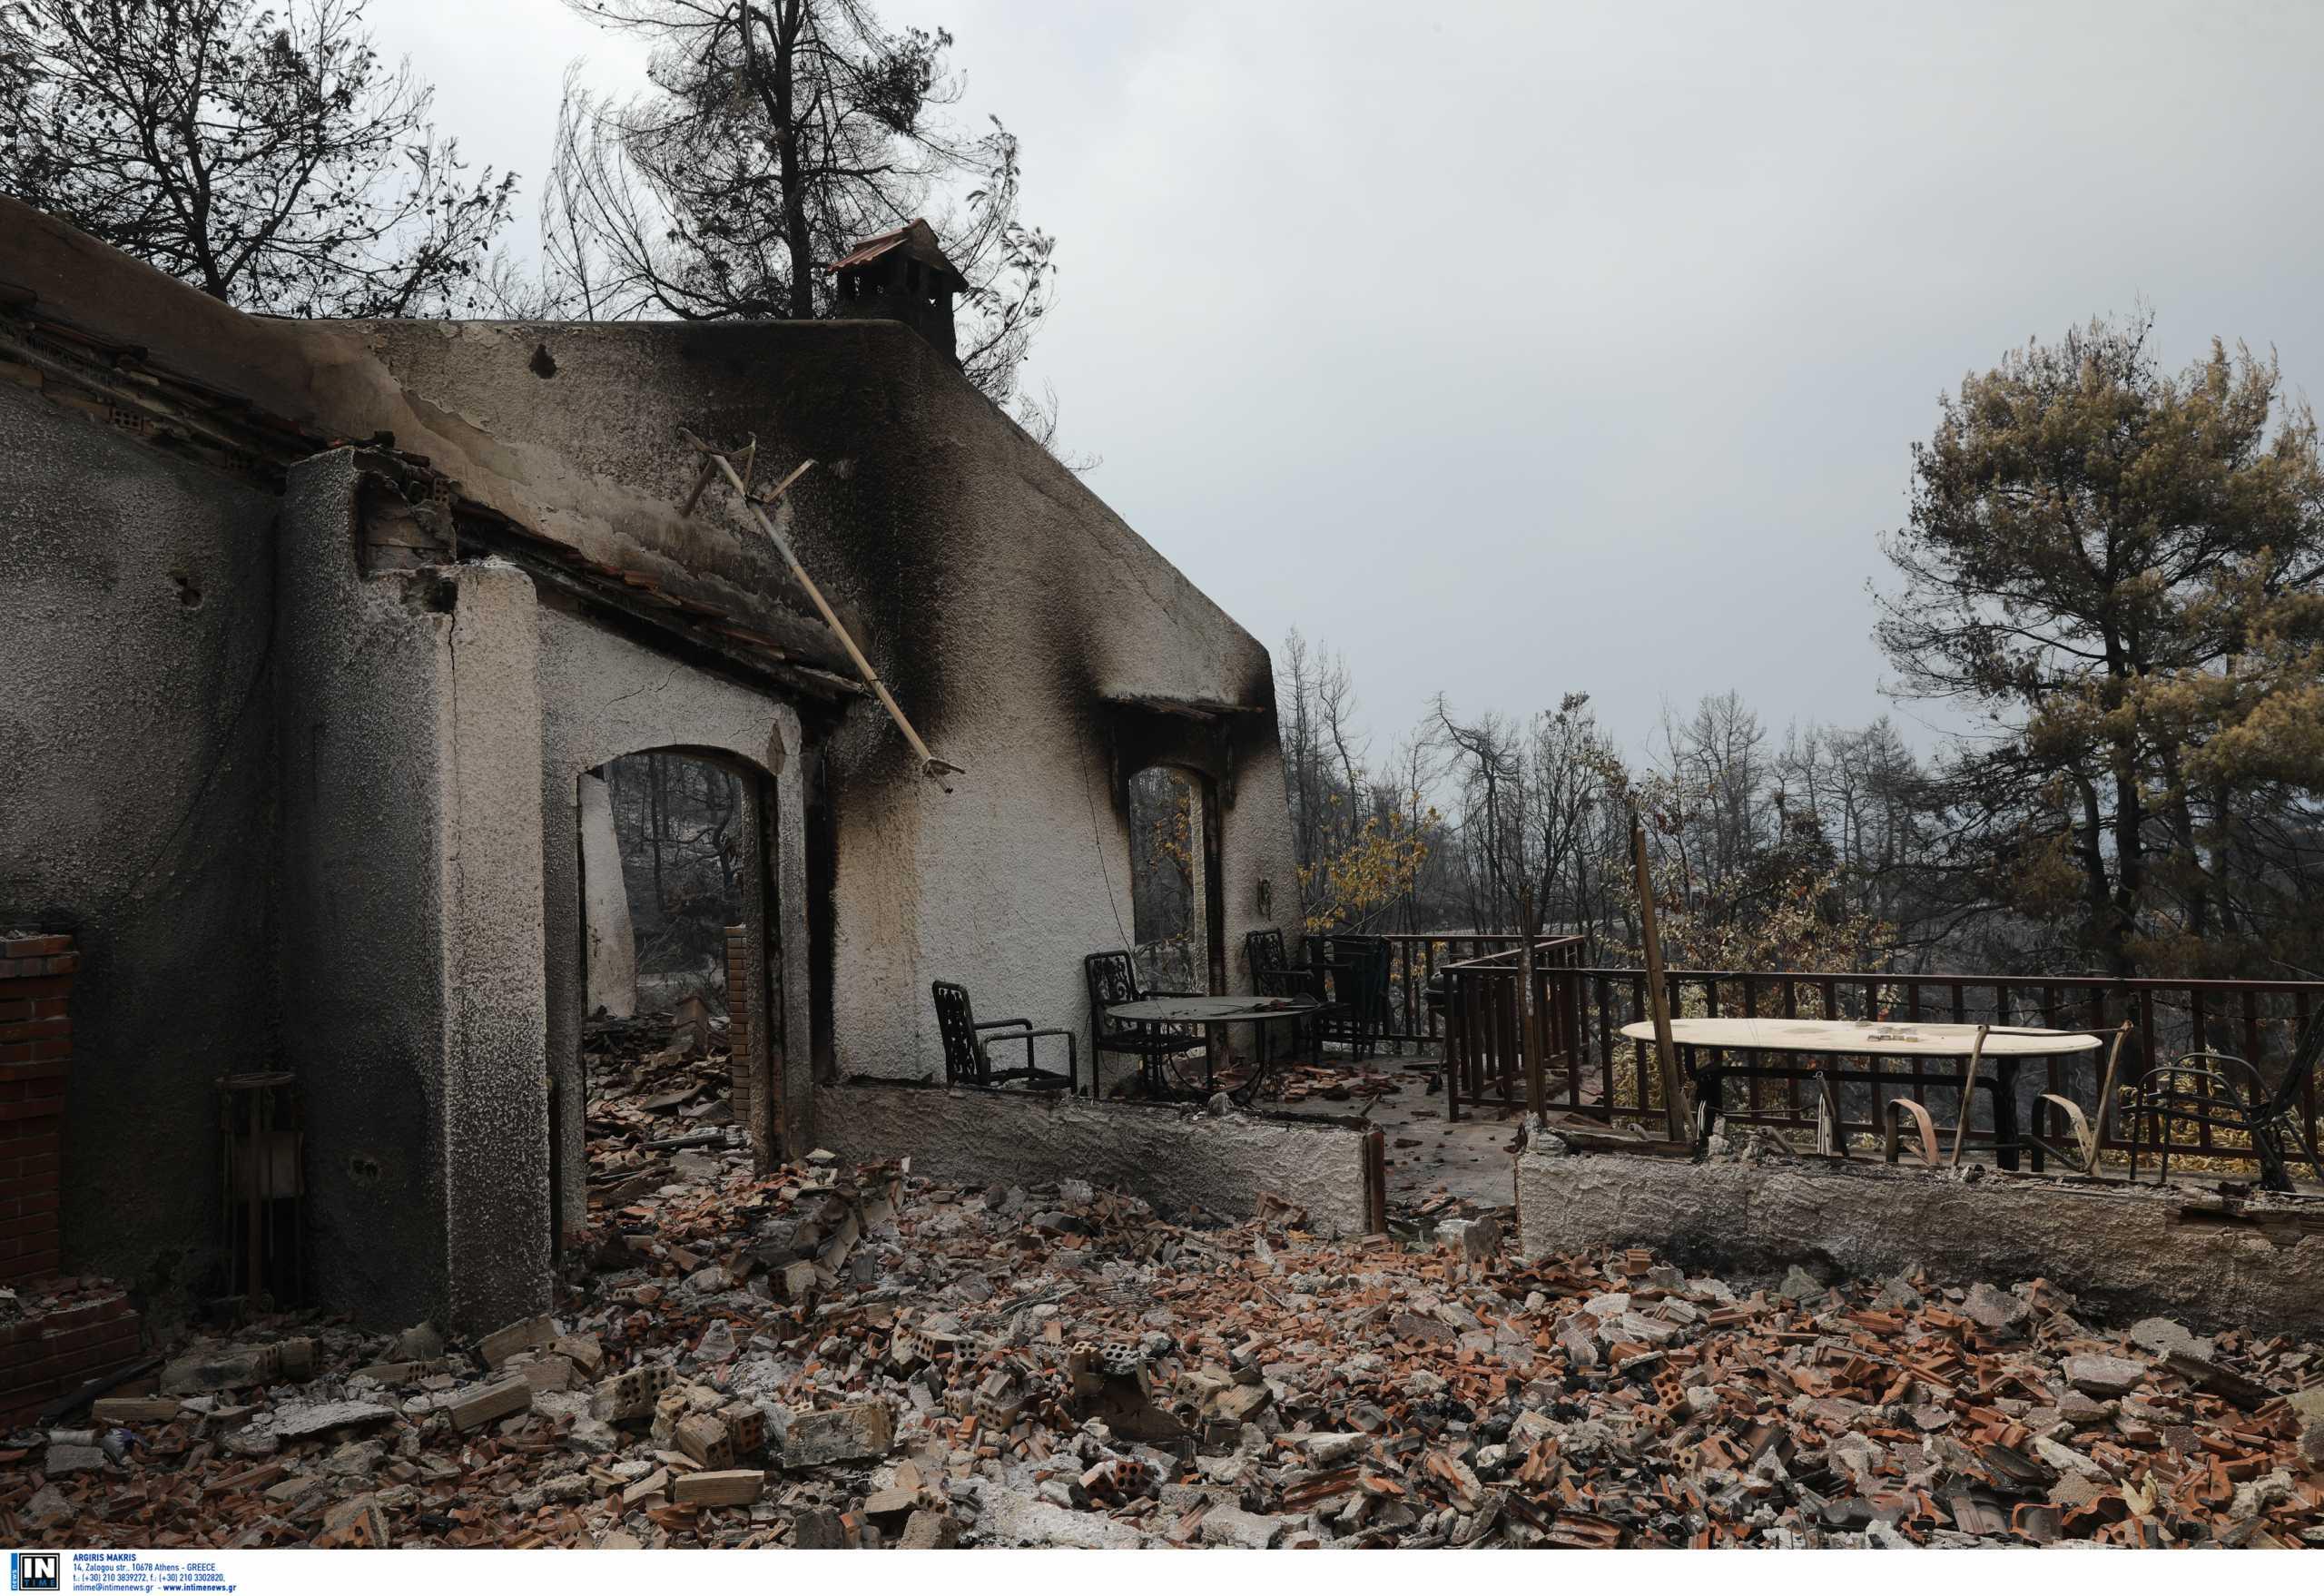 Χρήστος Σταϊκούρας: Όσοι επλήγησαν από τις φωτιές από την 1η Μαΐου θα αποζημιωθούν από το κράτος